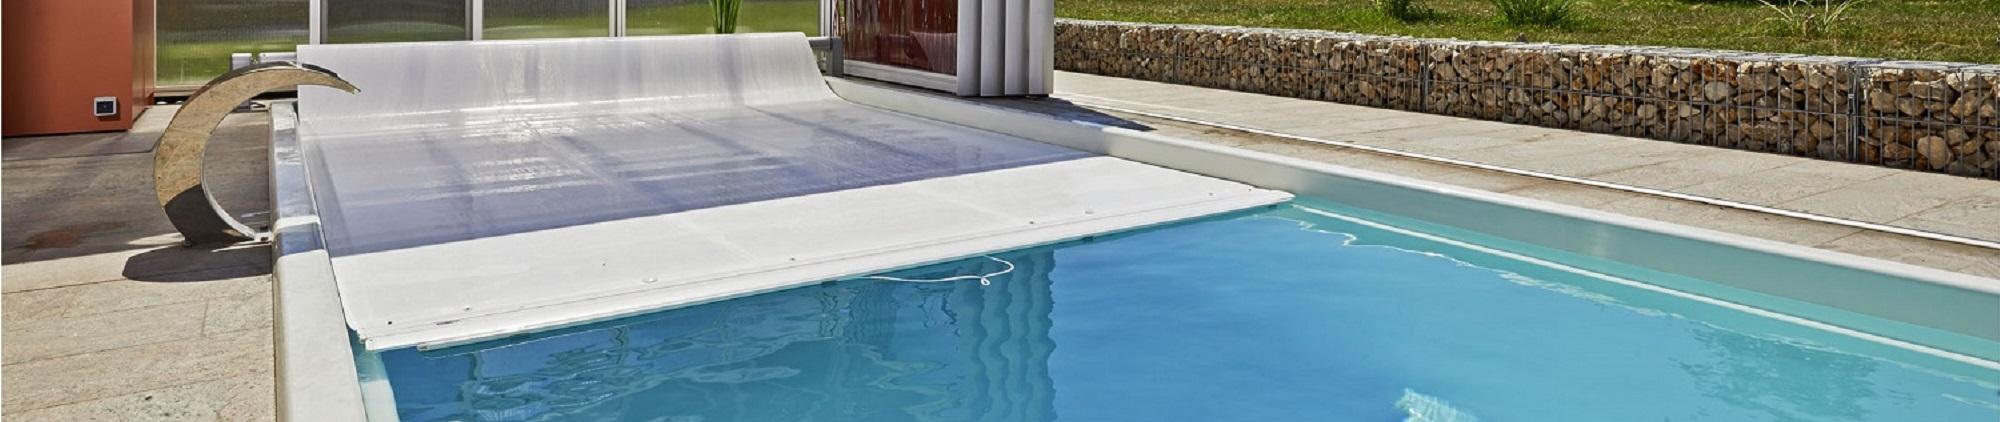 Abdeckungen for Schwimmfolie pool